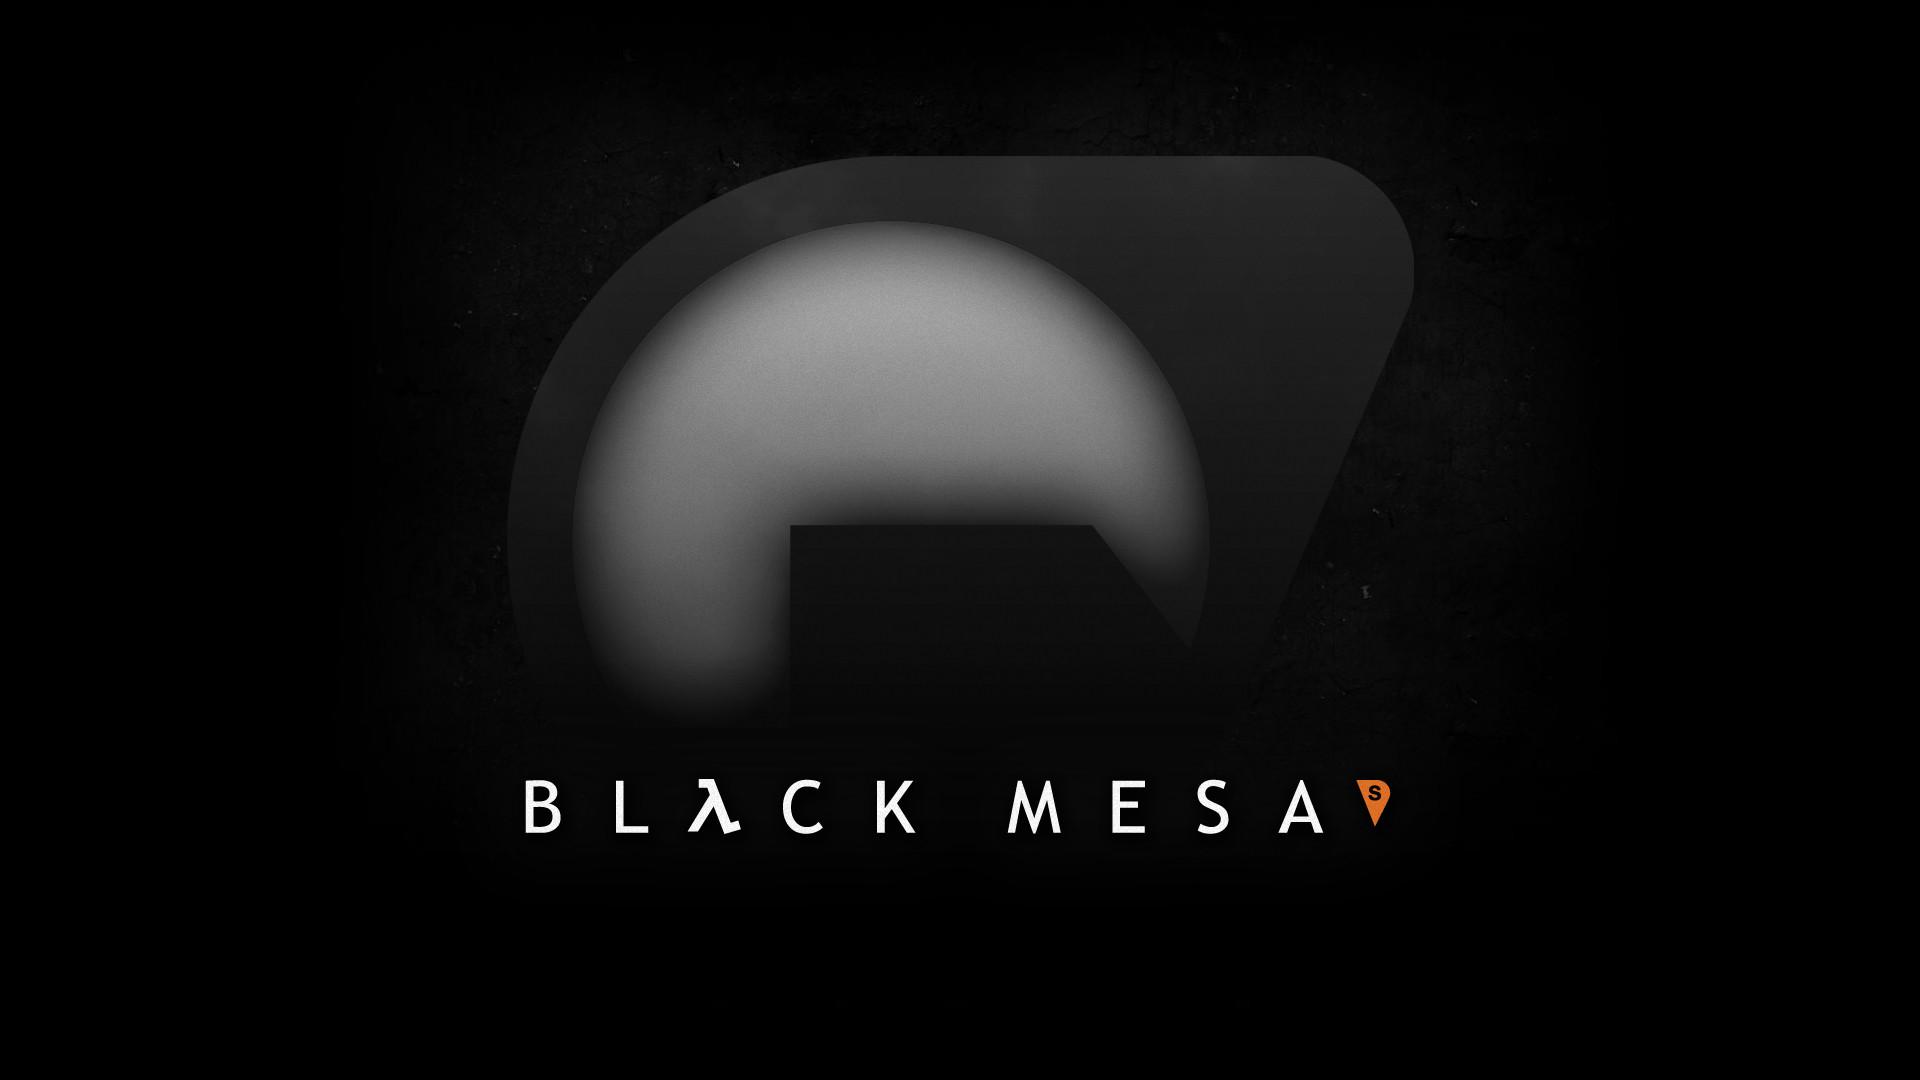 … Black Mesa Wallpaper #2 by Naimvb